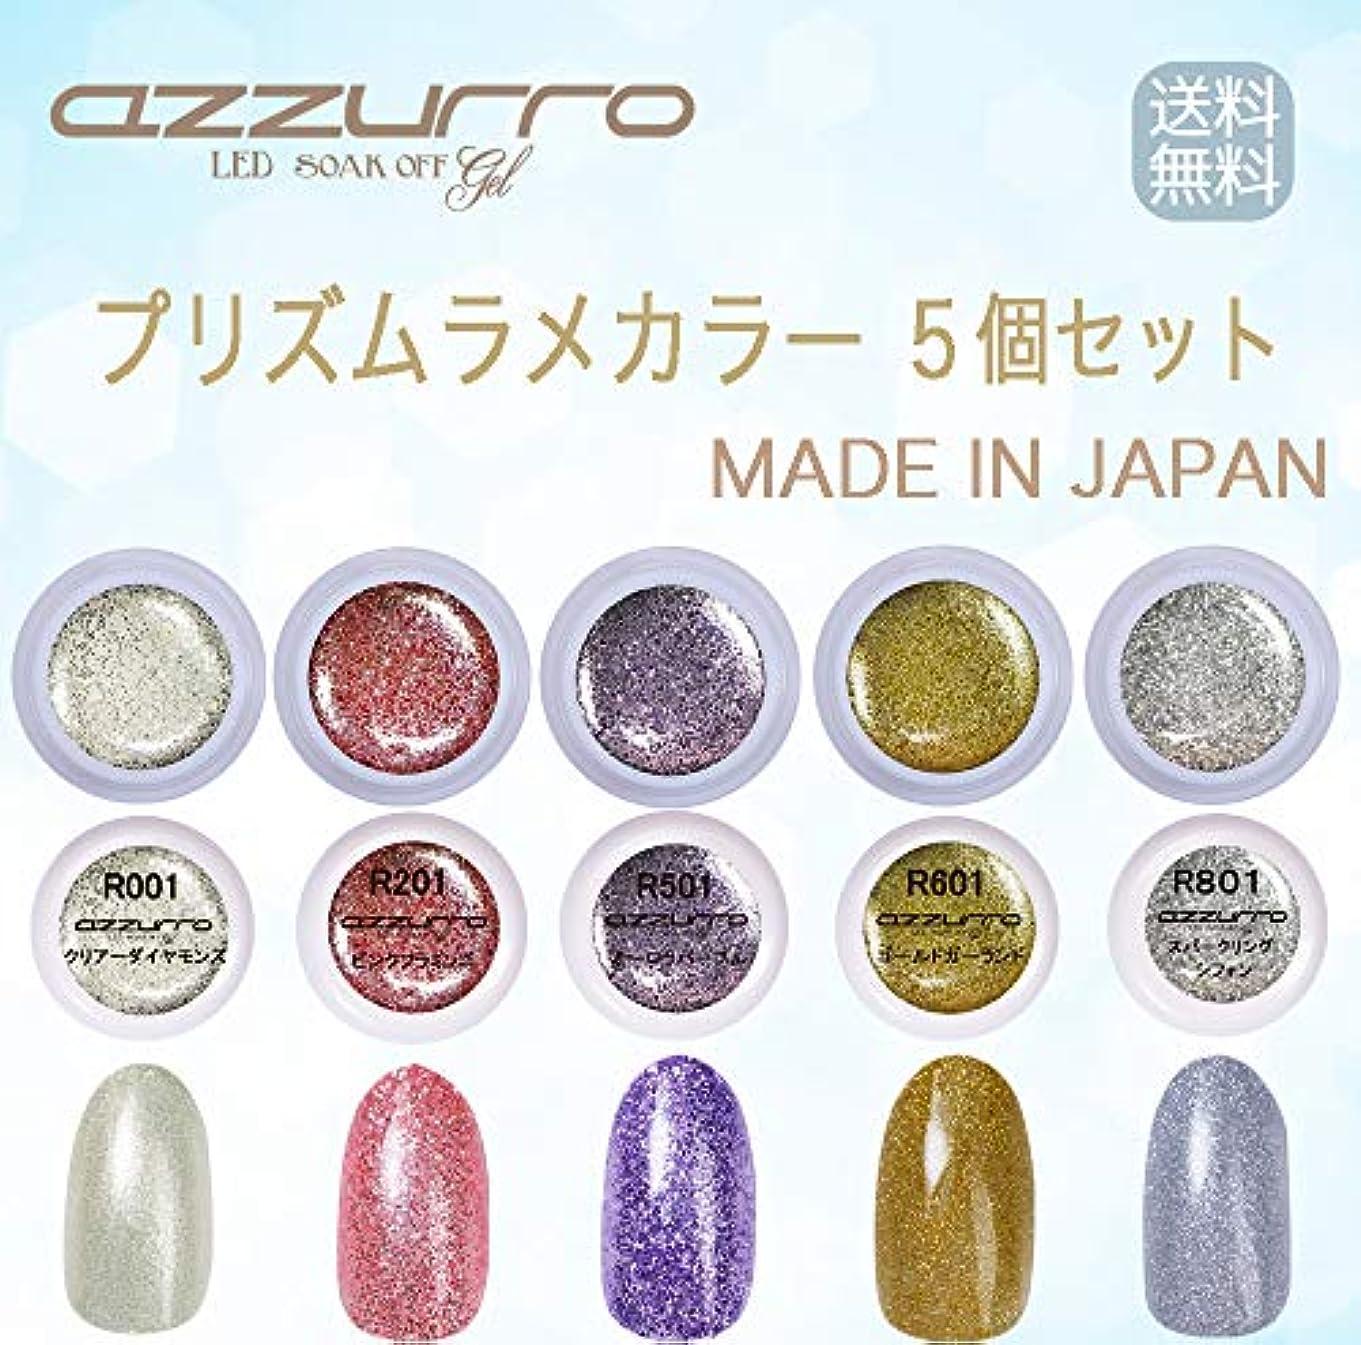 によるとタバコ理想的には【送料無料】日本製 azzurro gel プリズムラメカラージェル5個セット キラキラネイルにぴったりなカラー